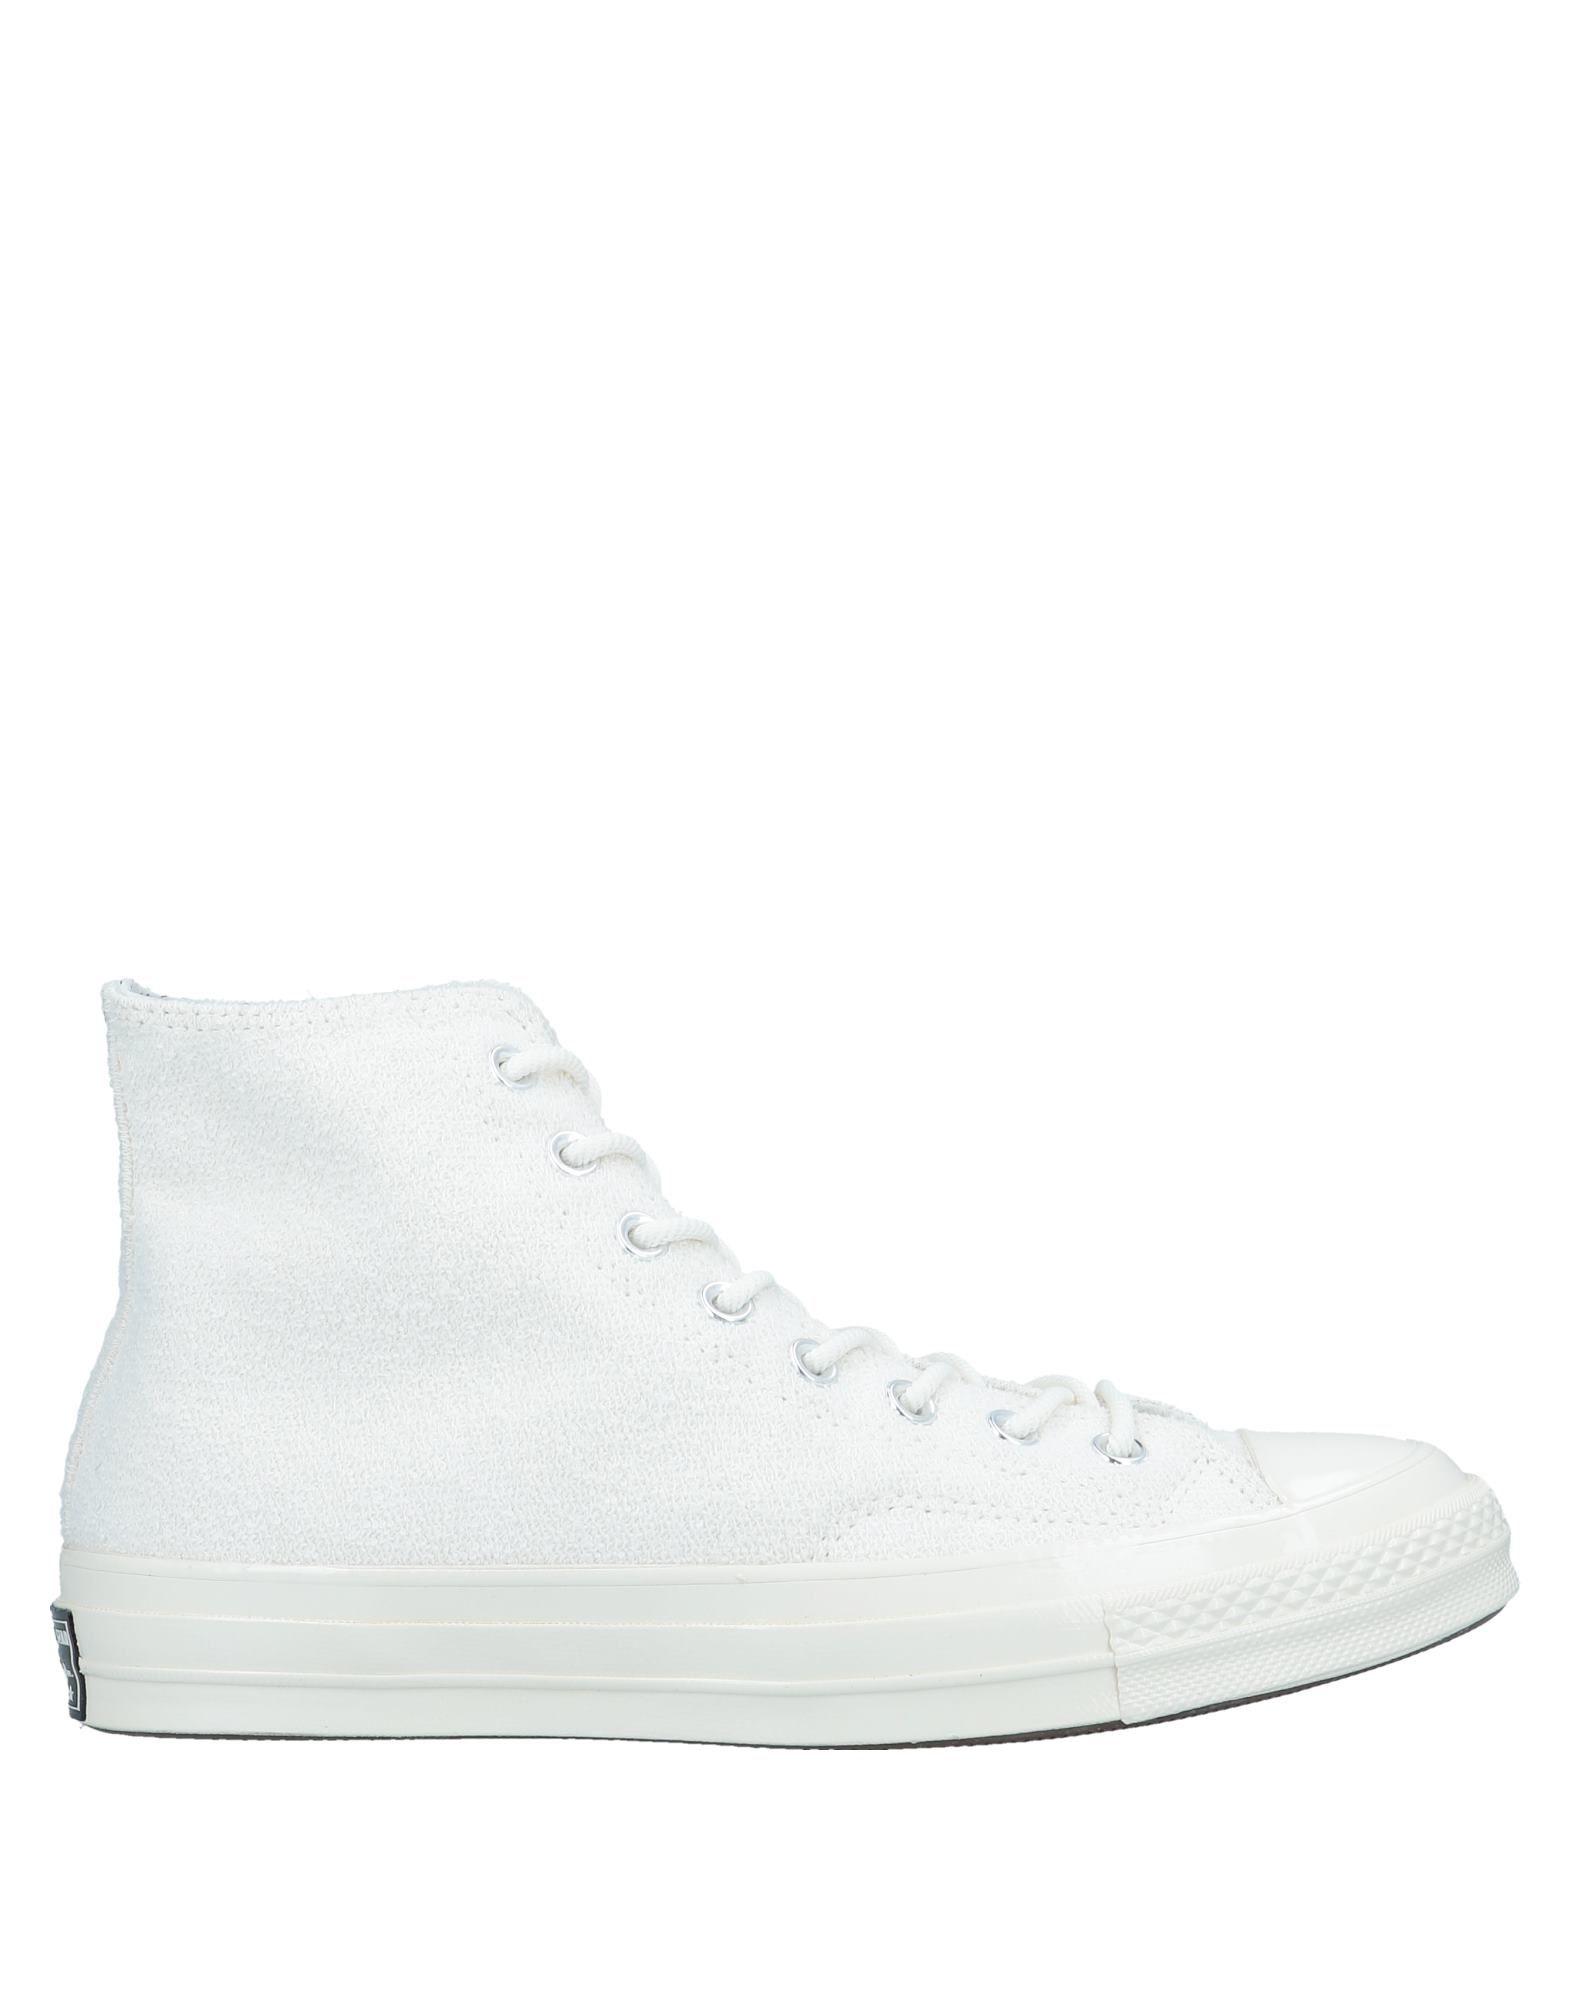 Converse All Star Sneakers Sneakers Star Herren Gutes Preis-Leistungs-Verhältnis, es lohnt sich c5a43d